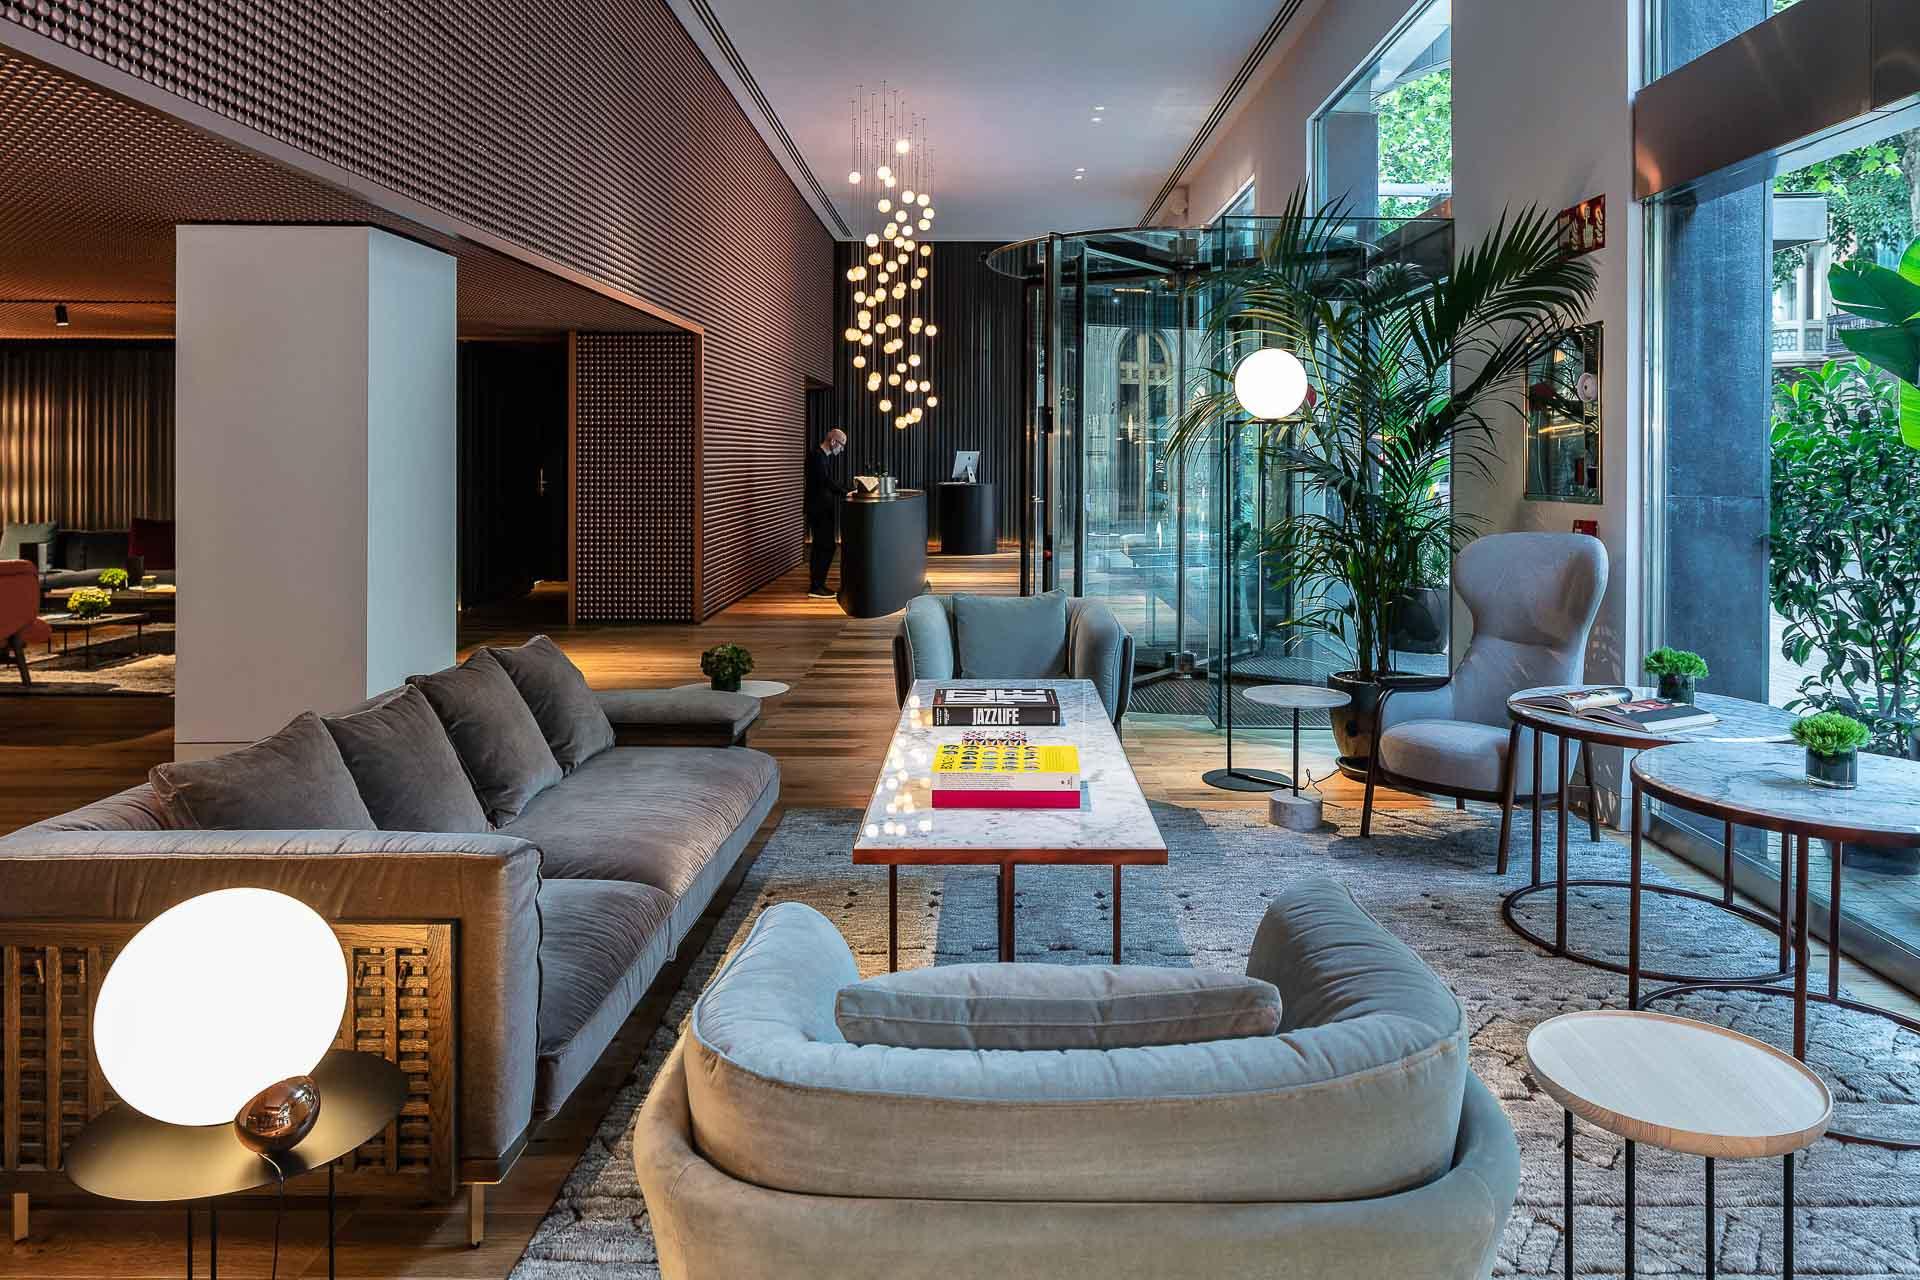 À deux pas des merveilles de Gaudí, les boutiques-hôtels Sir Hotels ouvrent un nouveau havre design et chic de 91 chambres et suites. Avec restaurant, spa, rooftop imprenable et piscine sur le toit, et même bateau privé, le Sir Victor est amené à devenir l'un des hôtels les plus en vue de Barcelone.